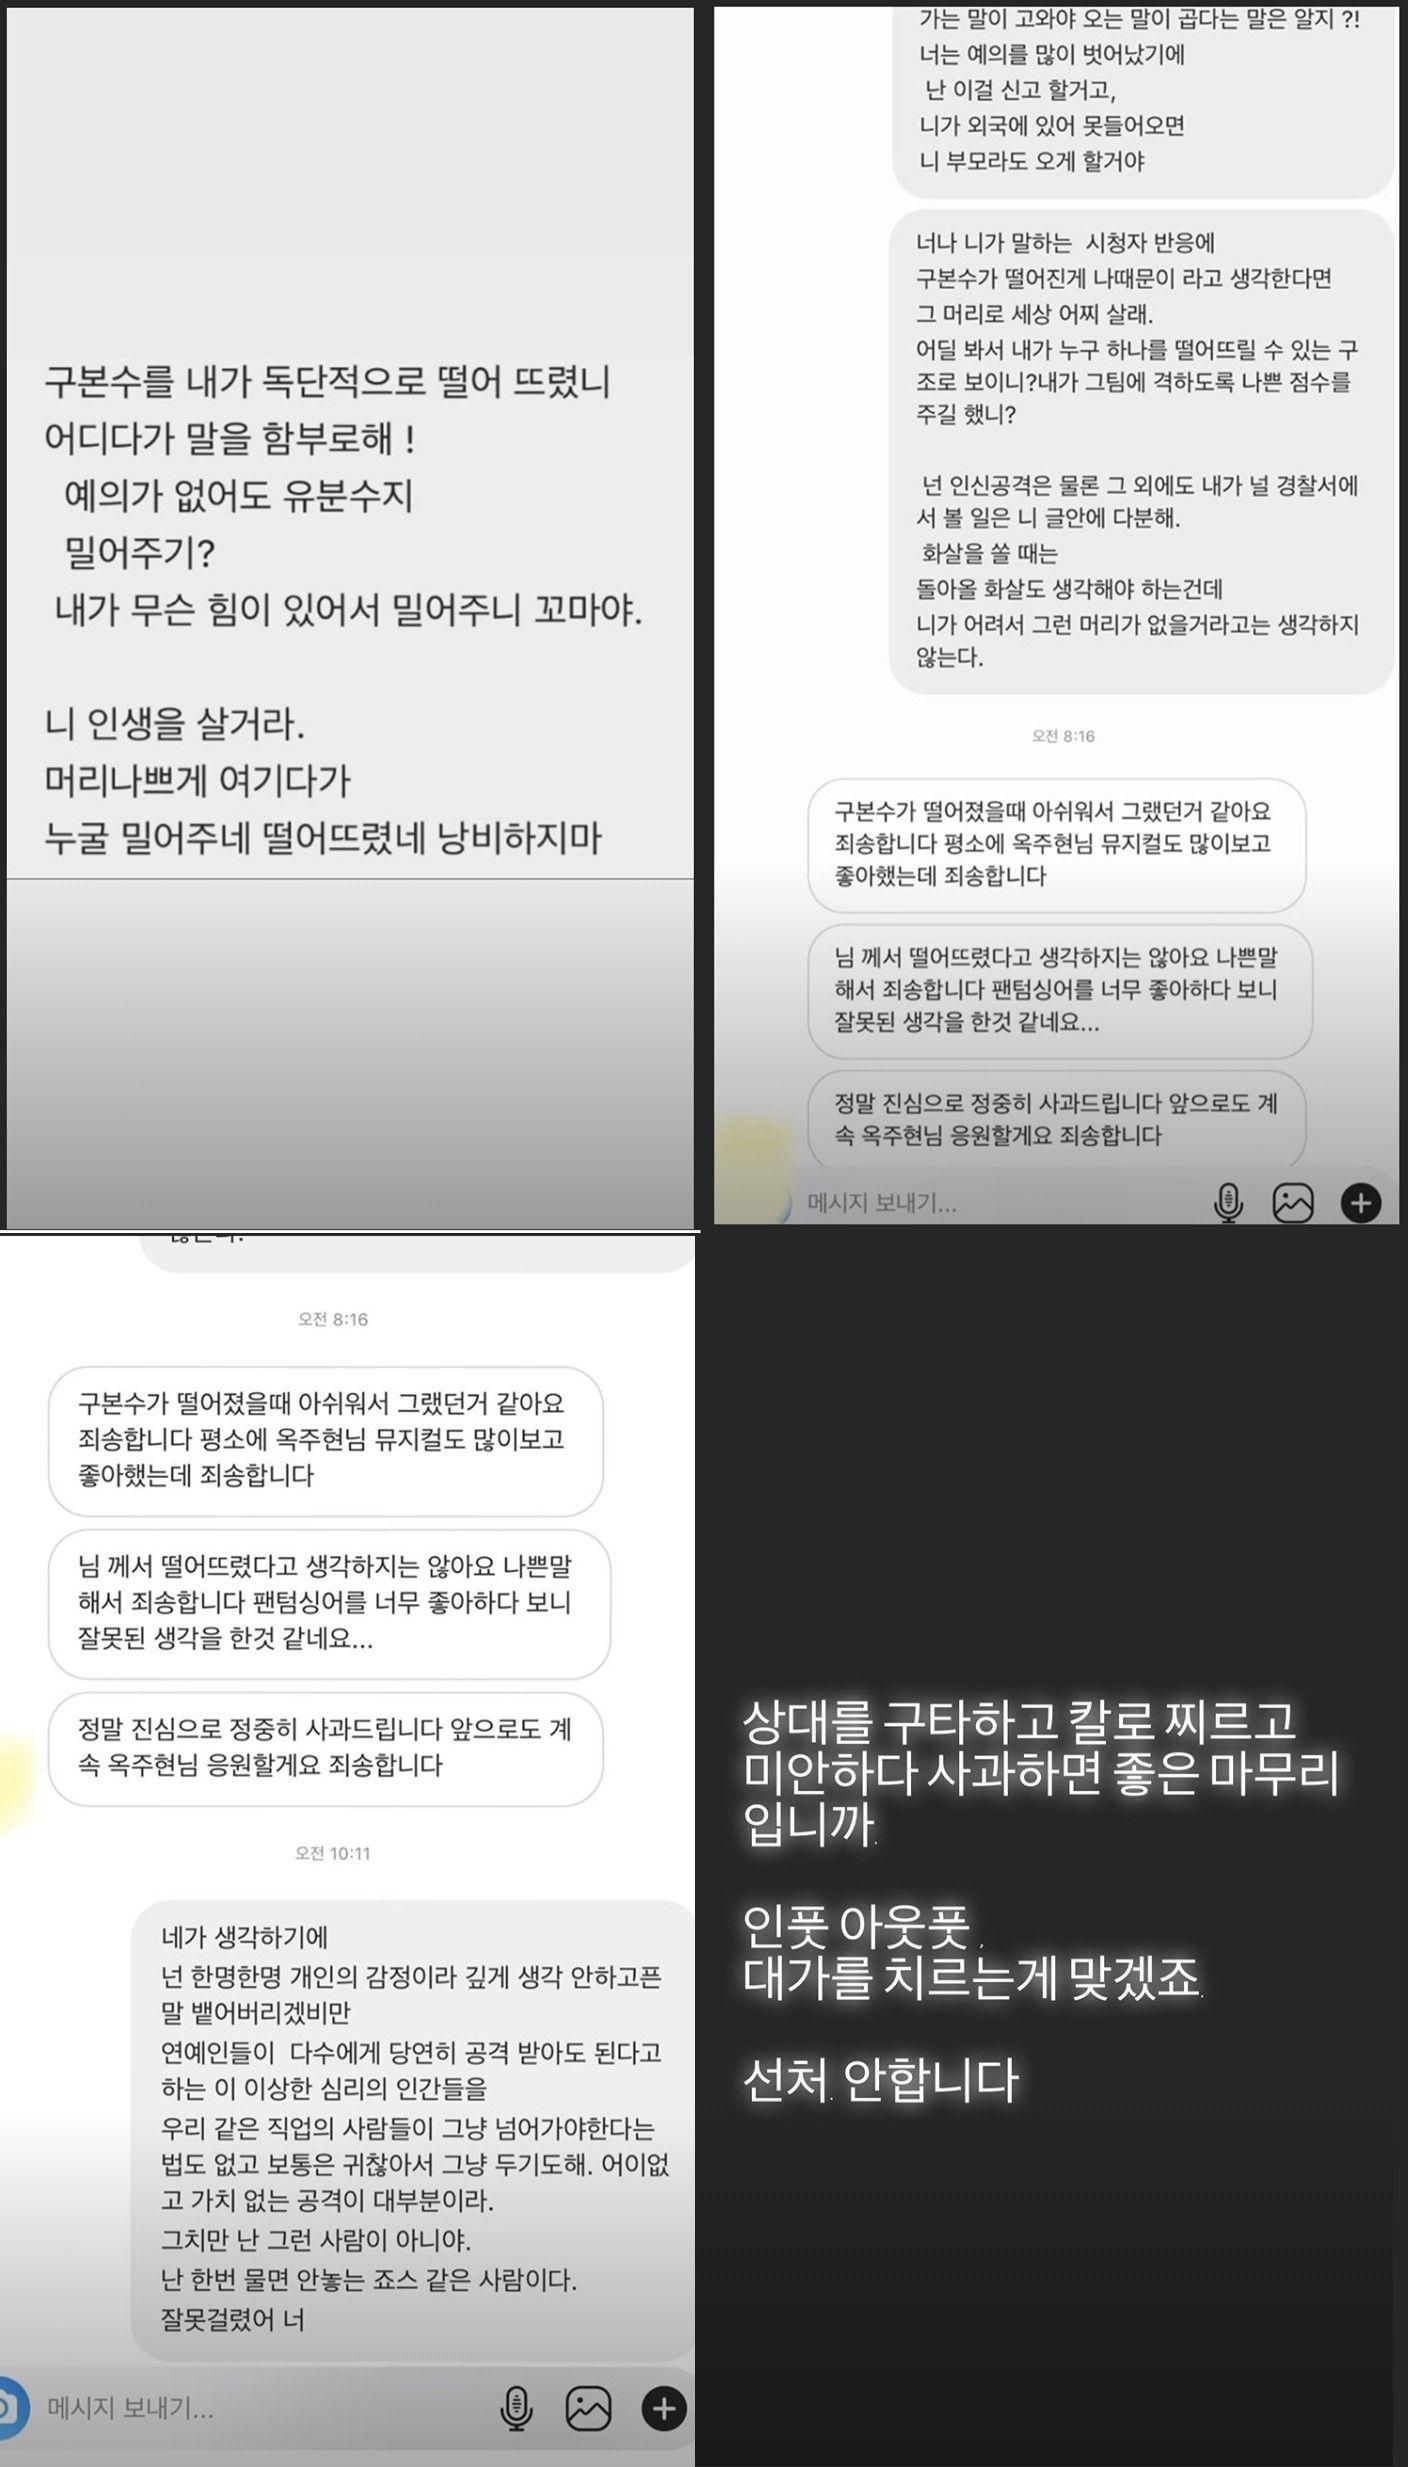 """옥주현 """"찌르고 때리고 미안하다 사과?"""